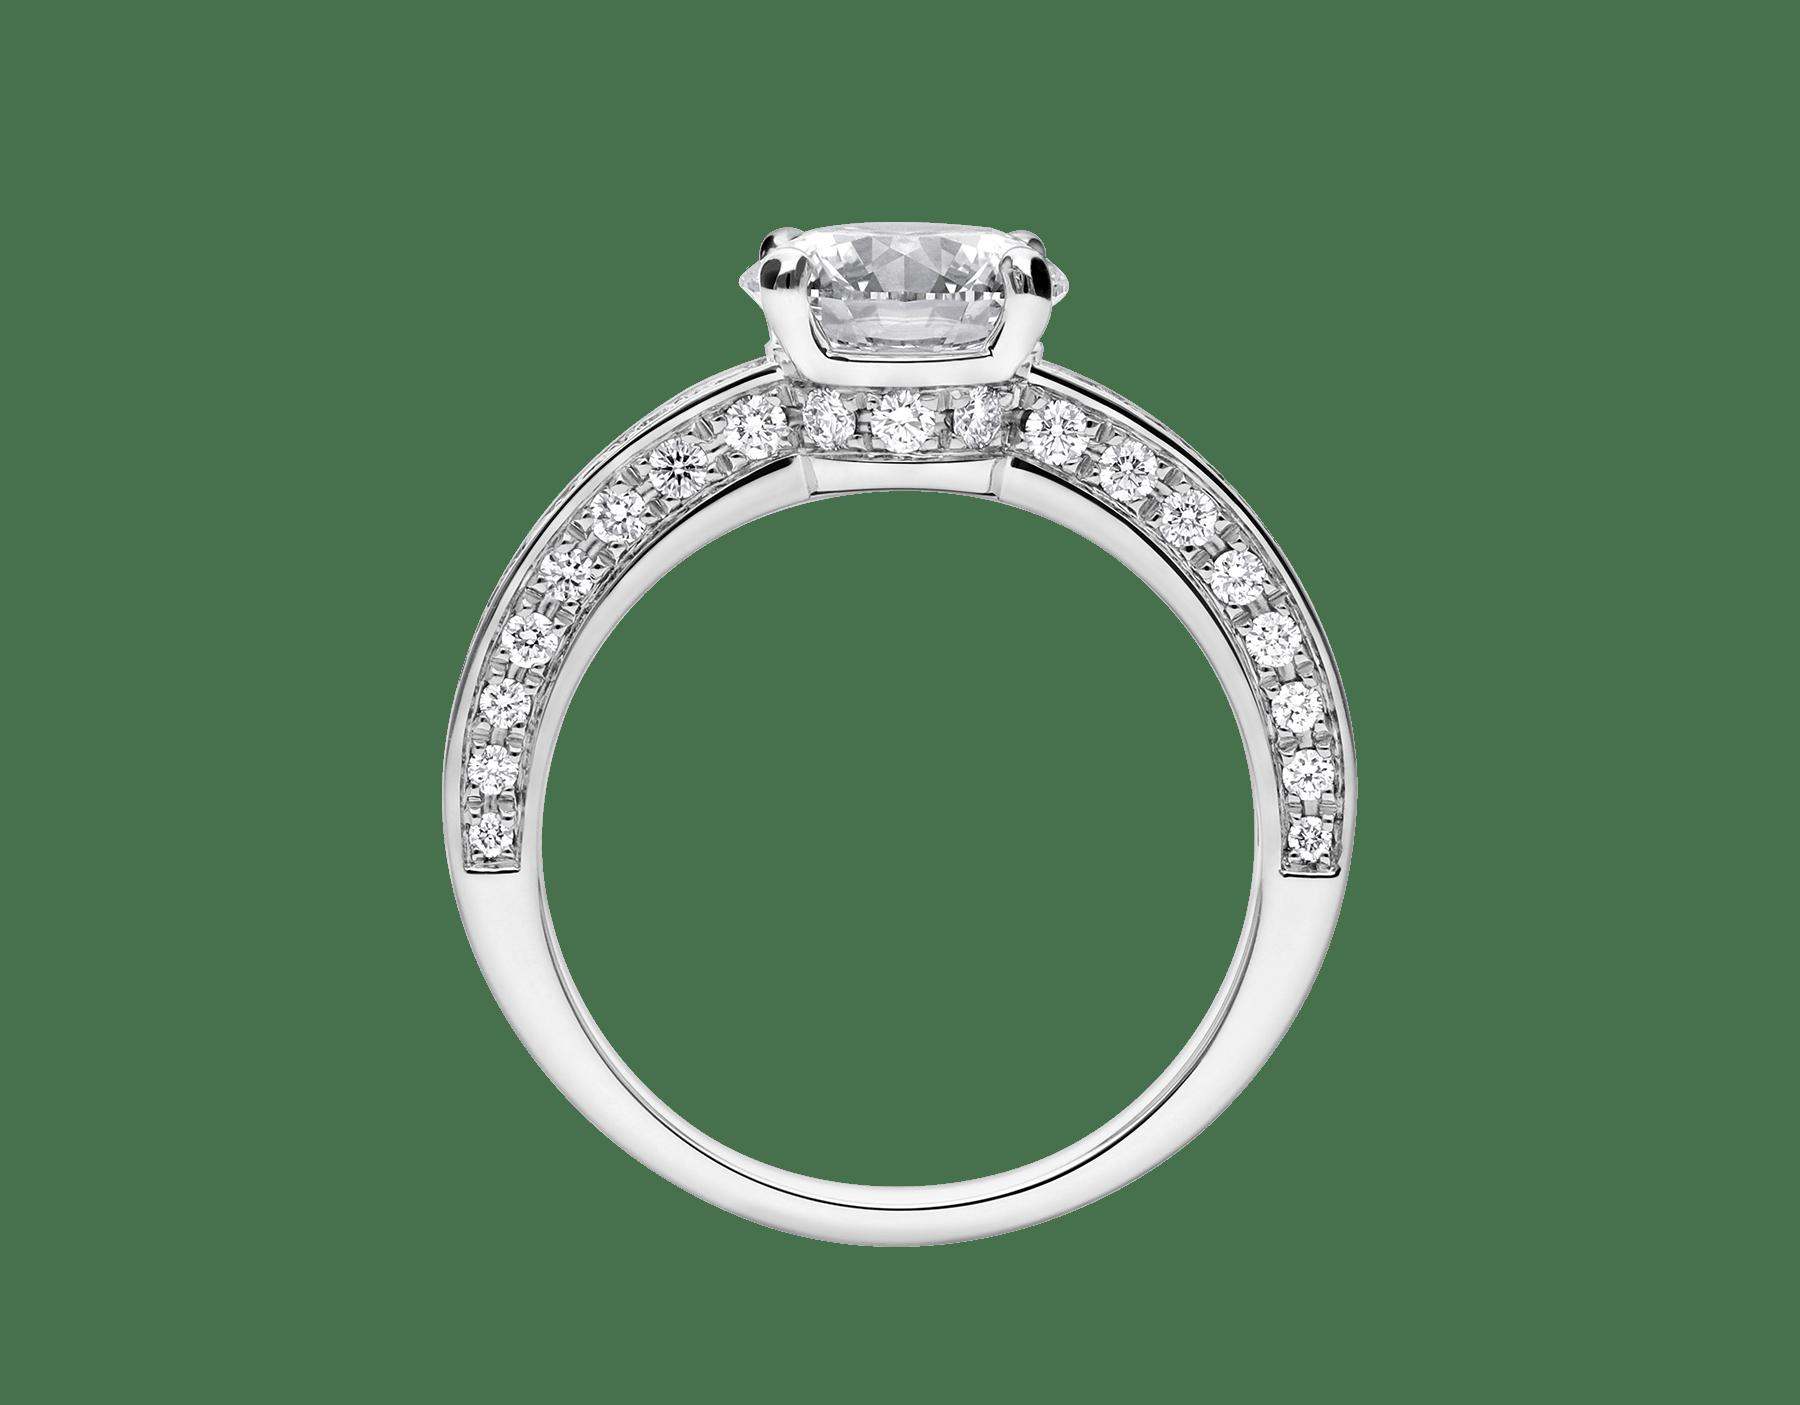 Dedicata a Venezia: solitaire1503 en platine serti d'un diamant rond taille brillant et pavé diamants 343367 image 3